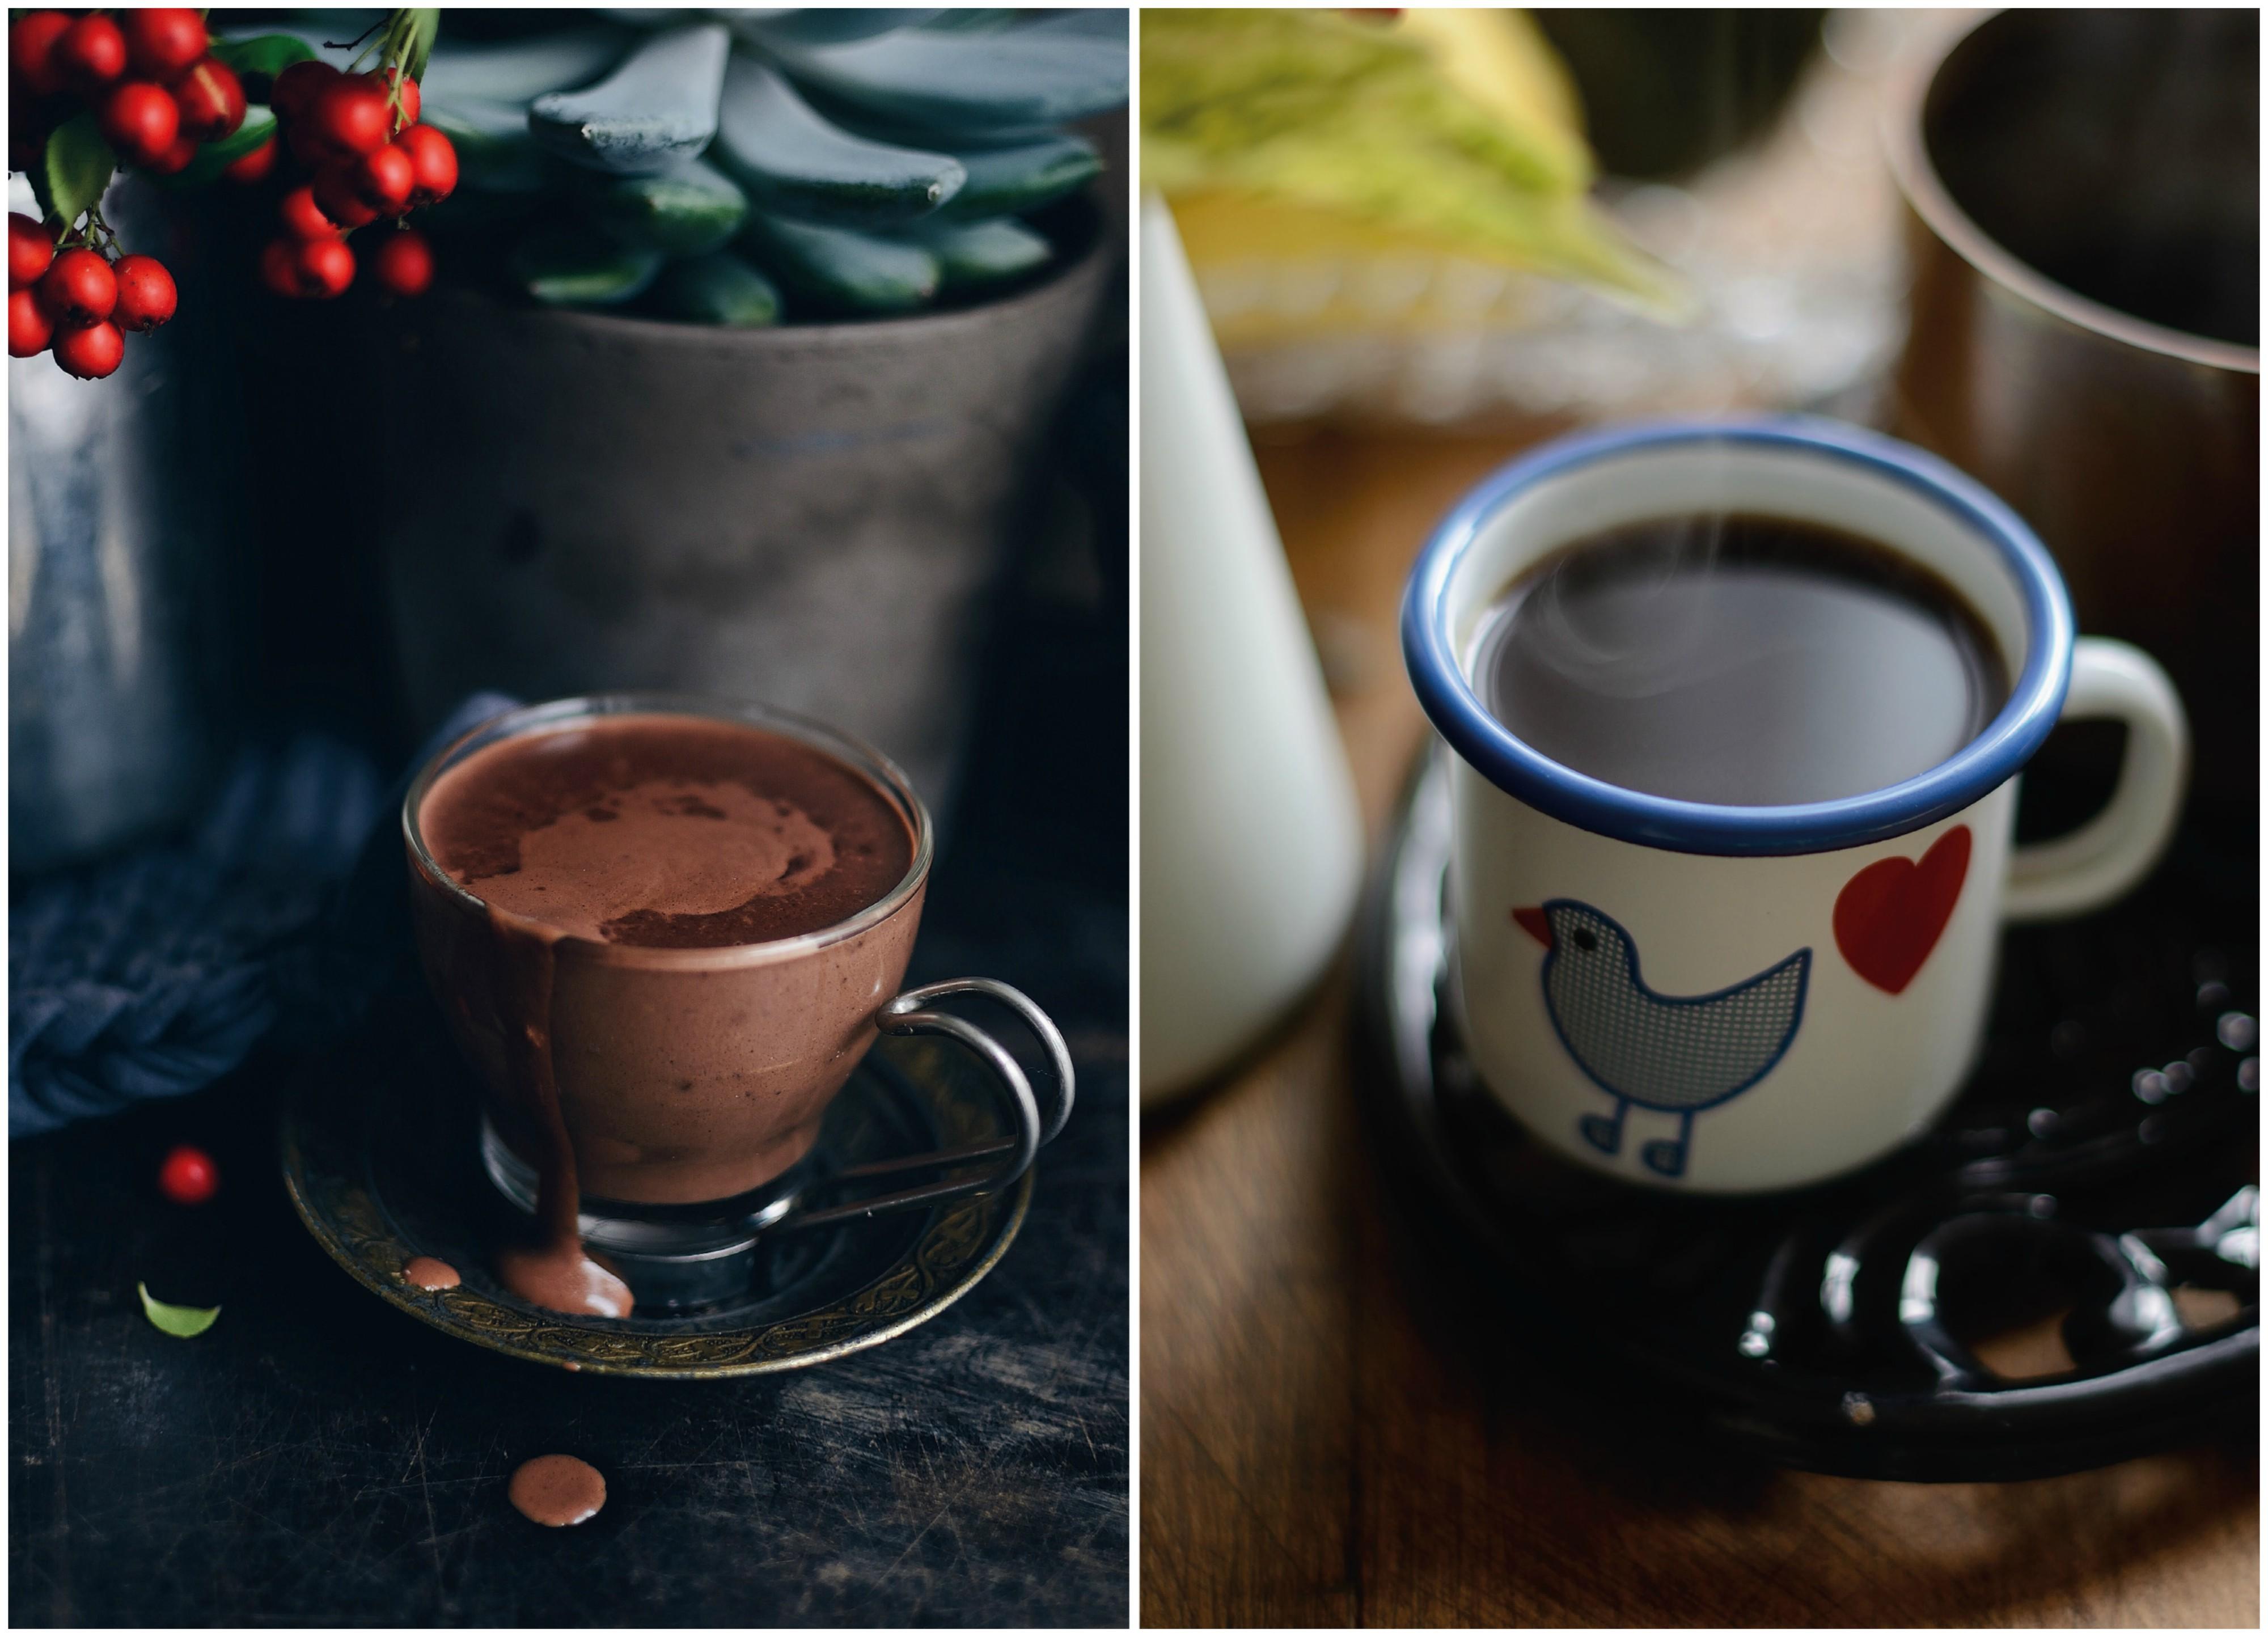 Gorąca czekolada i rozgrzewająca kawa zbożowa (fot. Patrycja Dolecka)